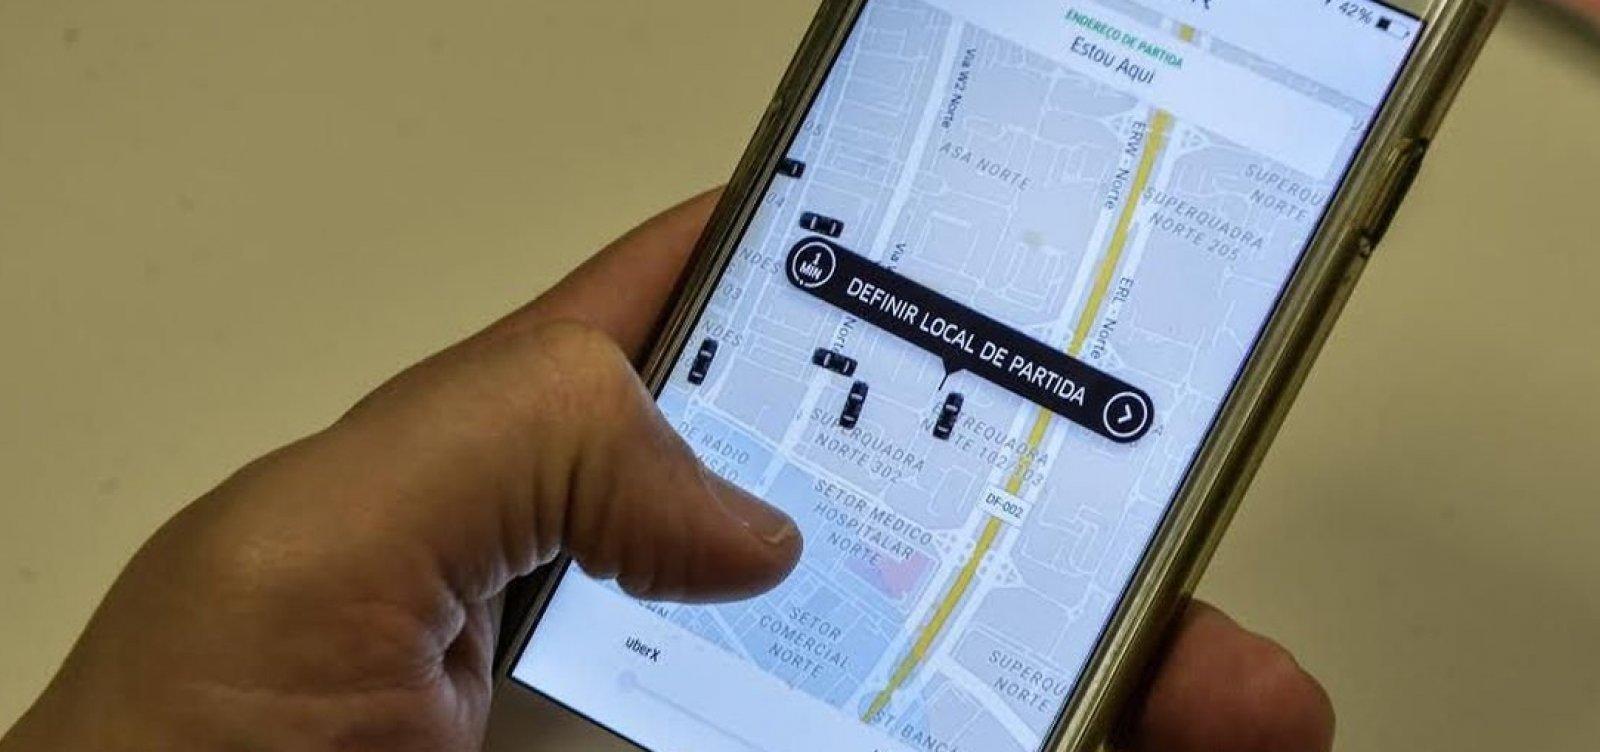 [Adolescente grava assédio de motorista da Uber durante viagem]